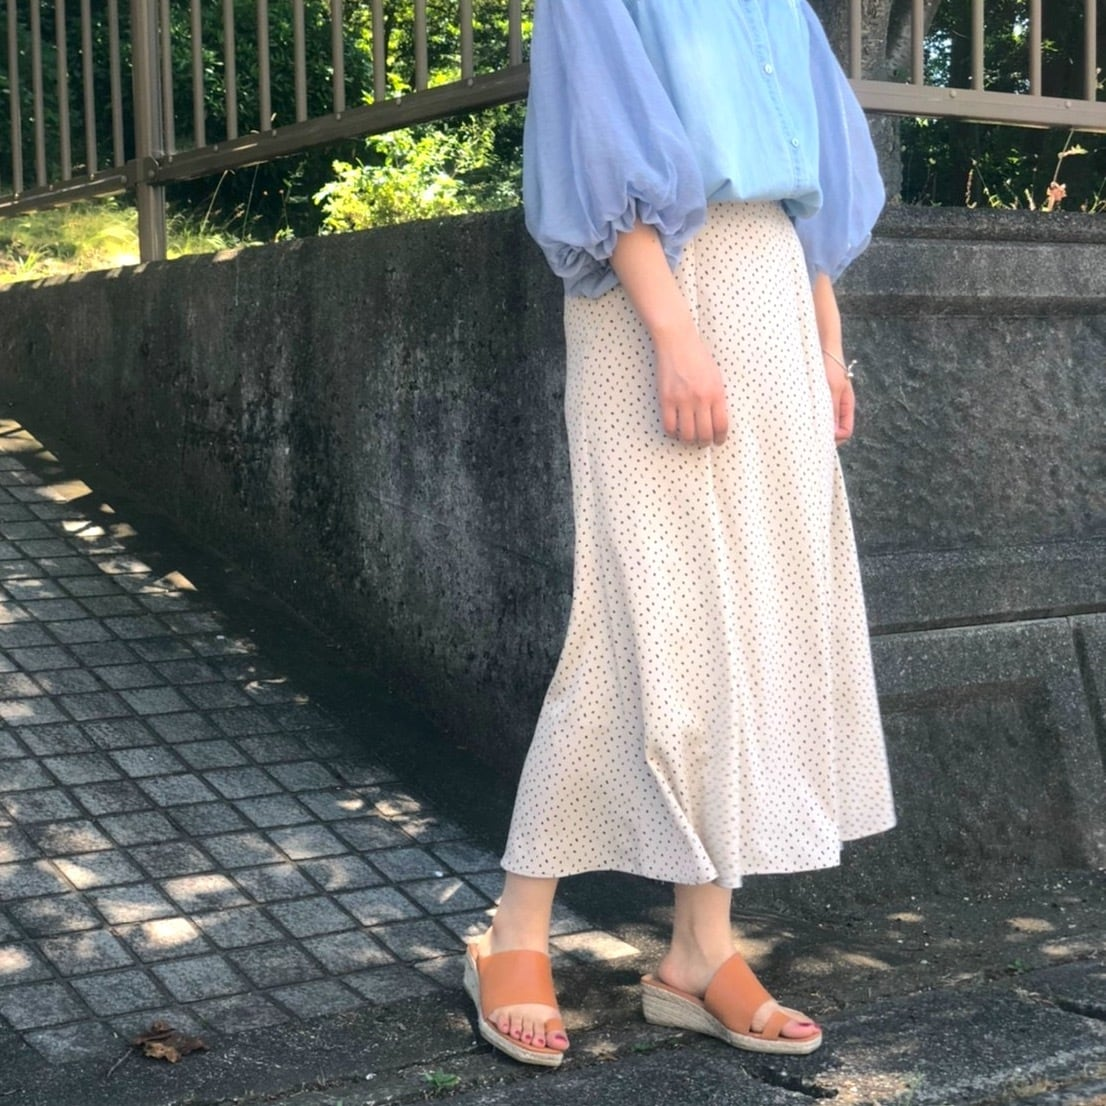 【 QTUME 】- 012-26202 - マーメイドスカート